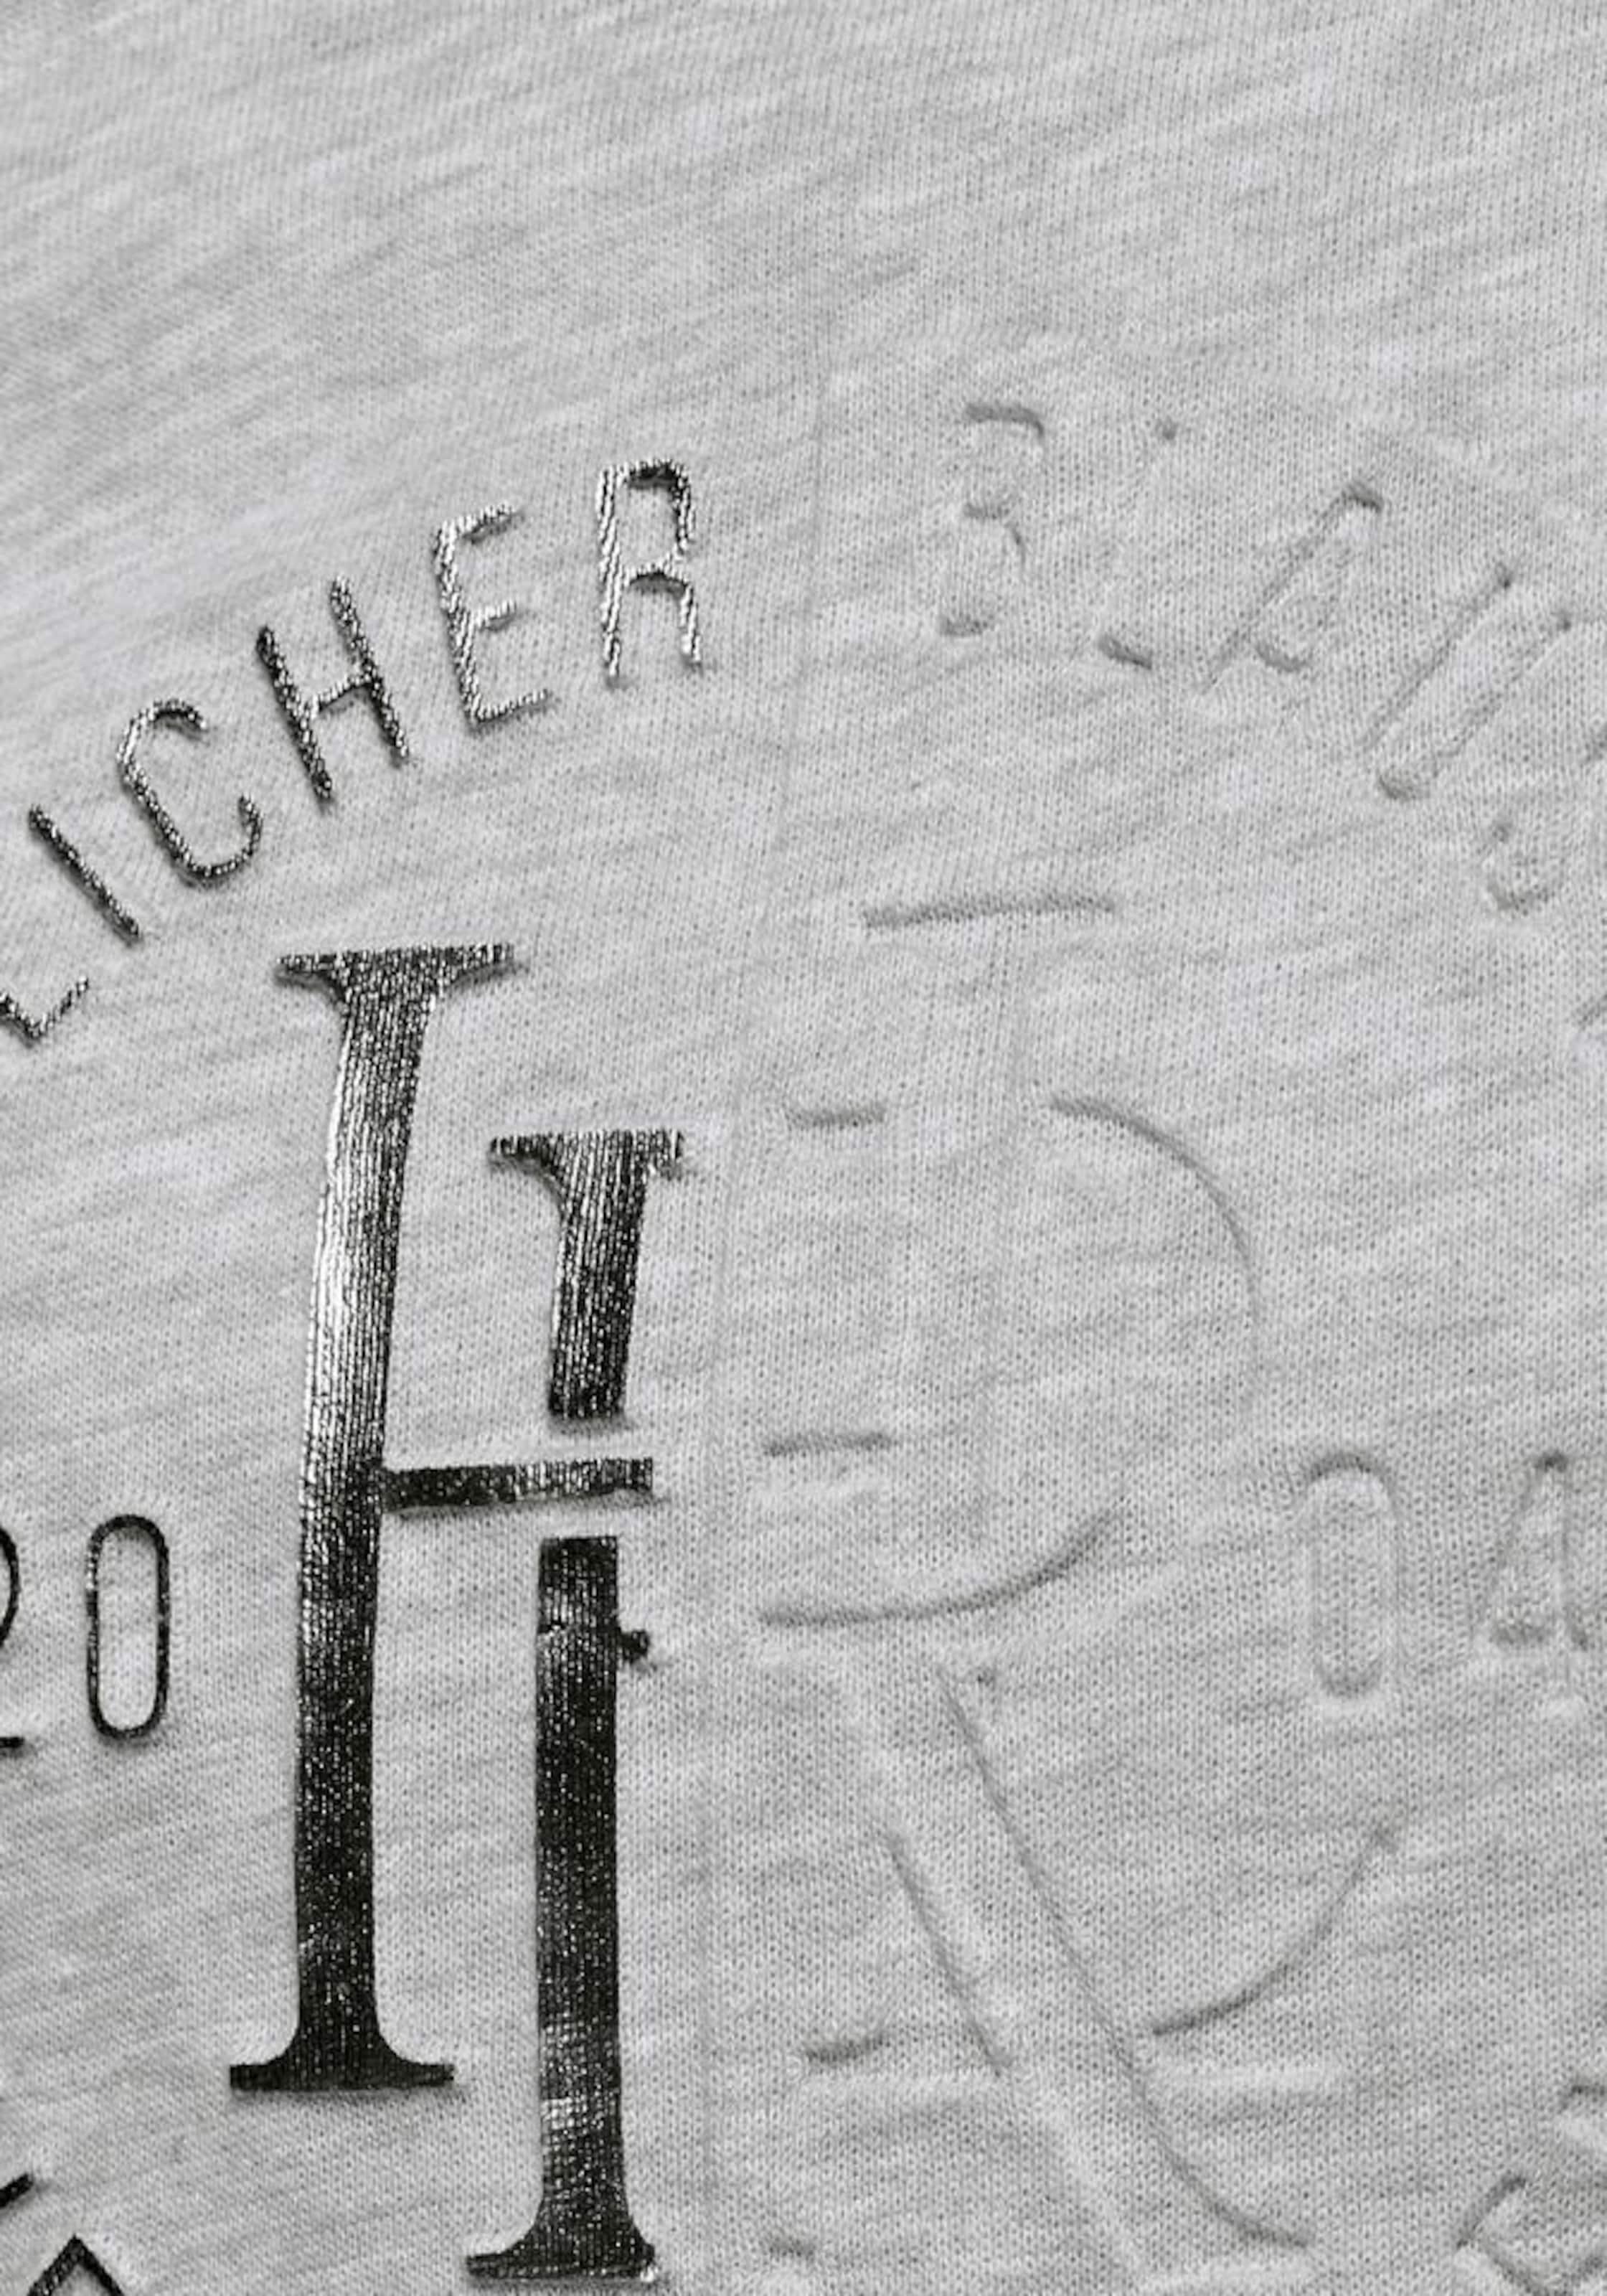 GraumeliertSilber Sweatshirt Herrlicher Herrlicher 'anetta' In GraumeliertSilber Sweatshirt 'anetta' In dtsxQrChB